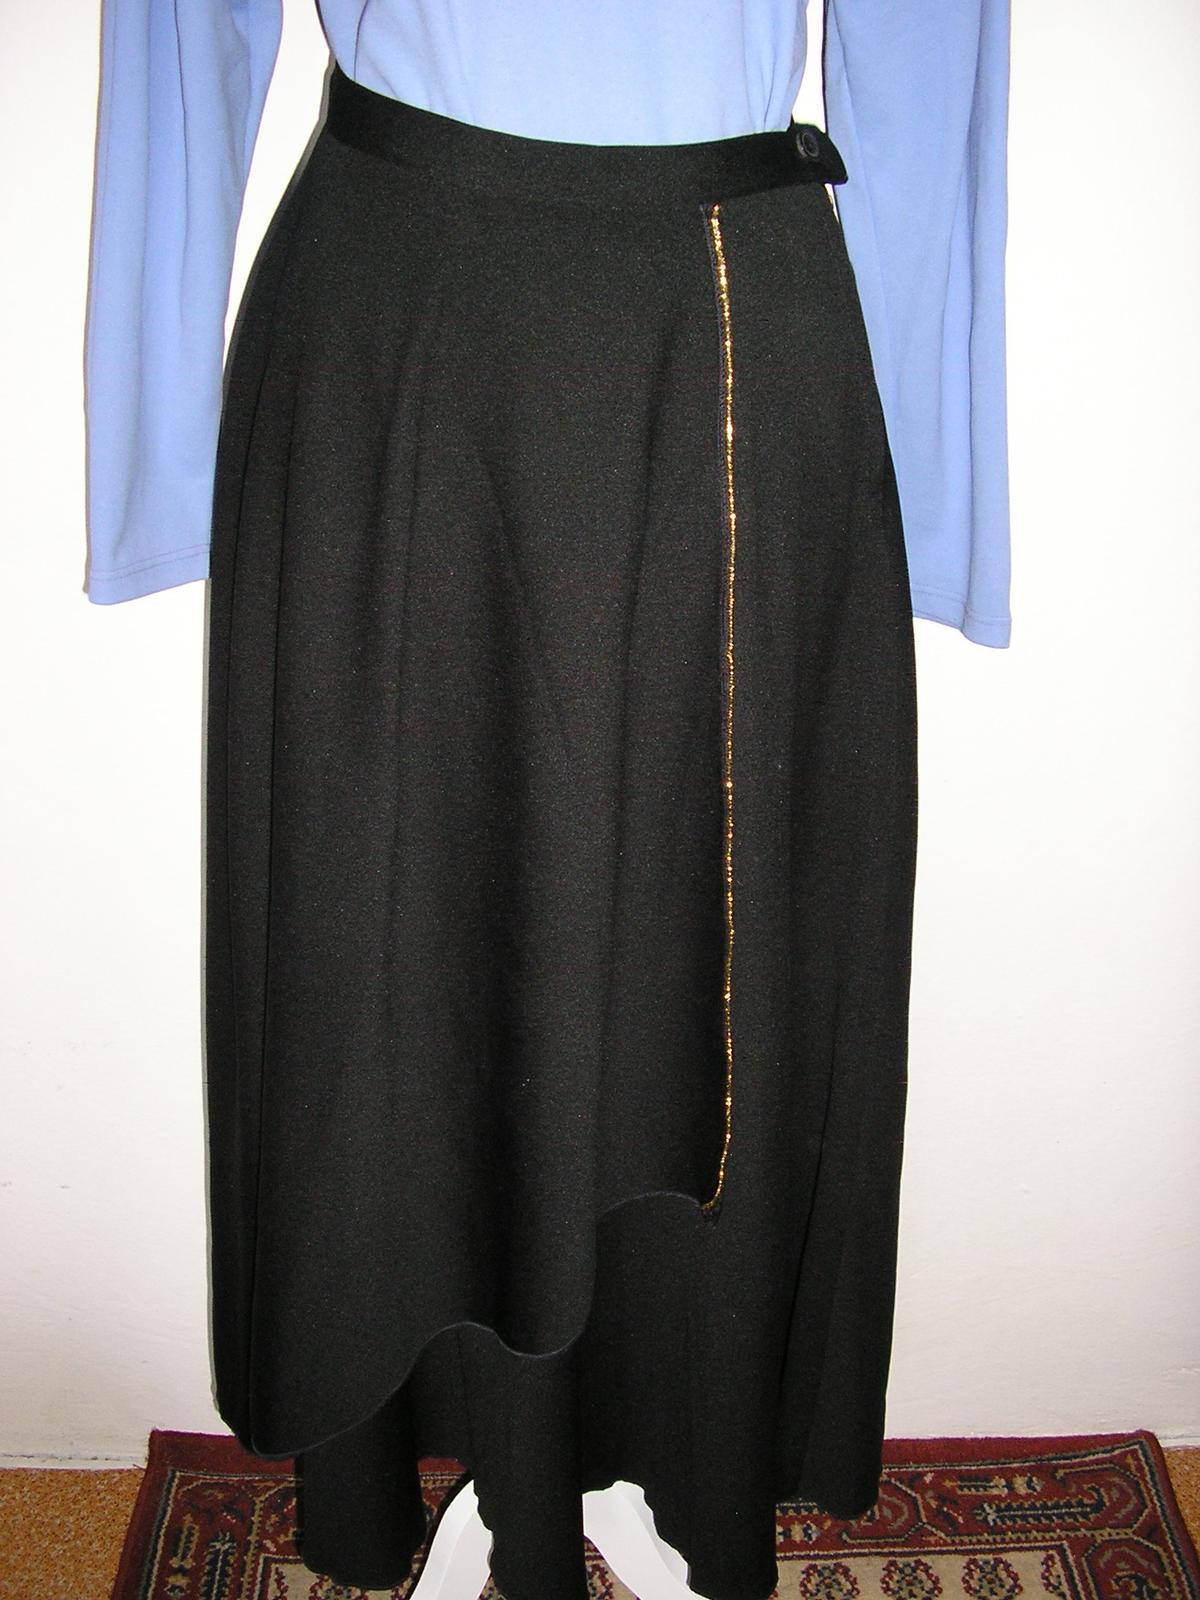 607. Dlhá spol. sukňa - Obrázok č. 1